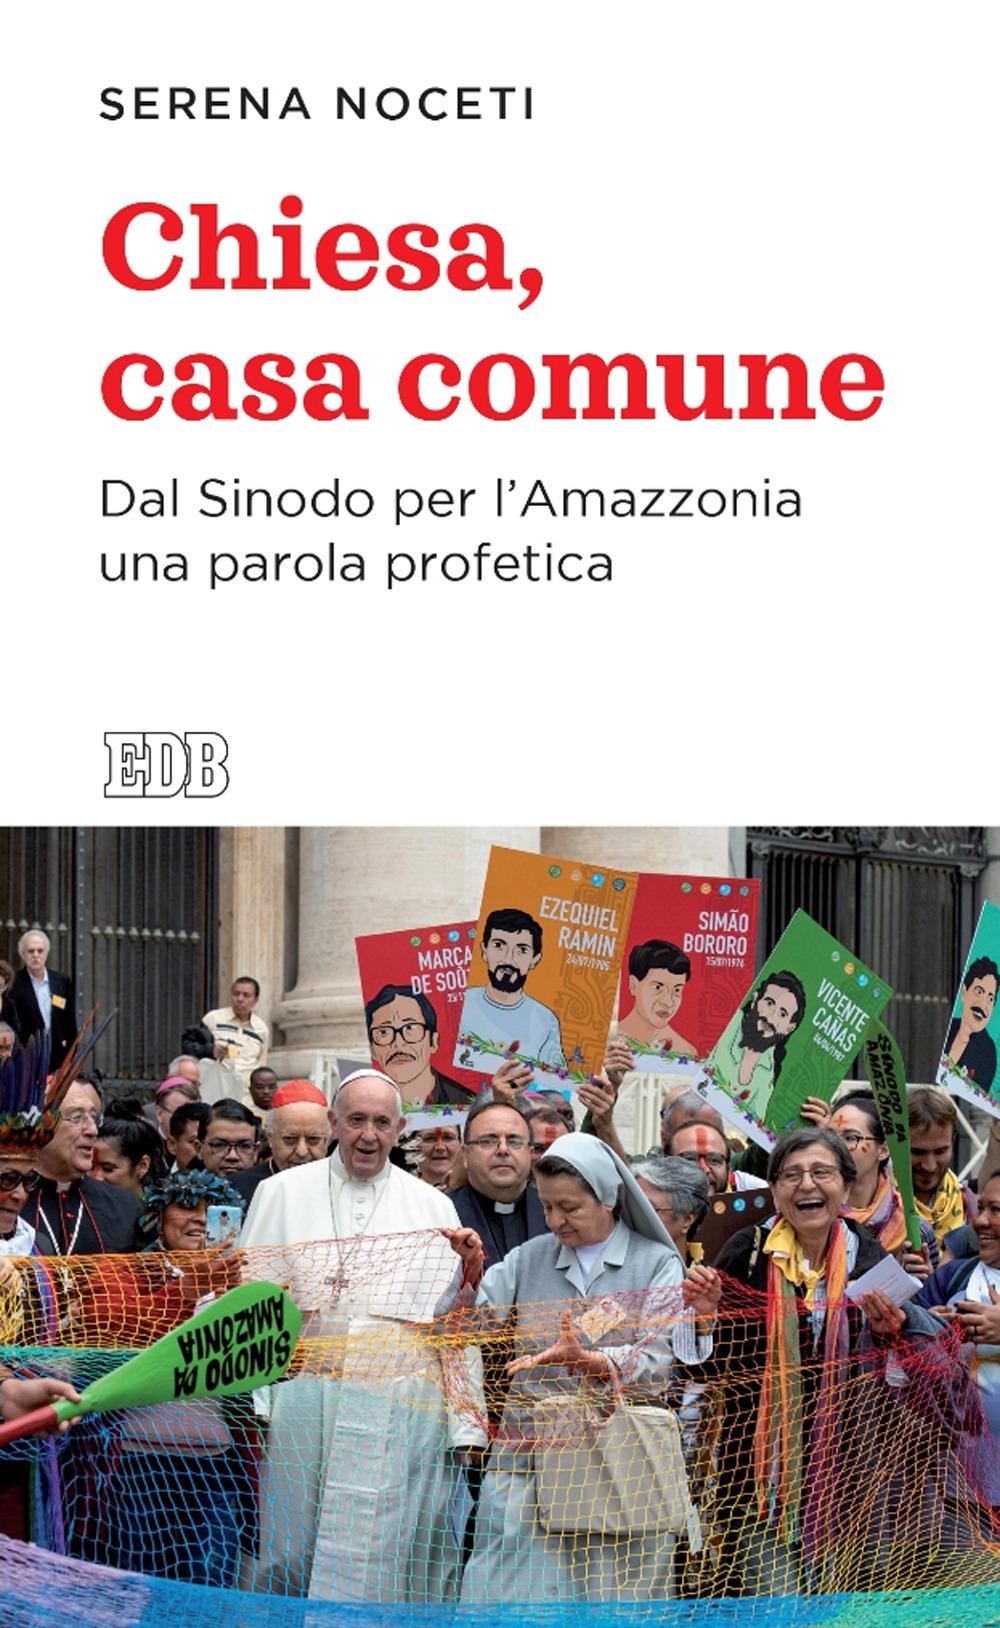 CHIESA, CASA COMUNE. DAL SINODO PER L'AMAZZONIA UNA PAROLA PROFETICA - Noceti Serena - 9788810559673